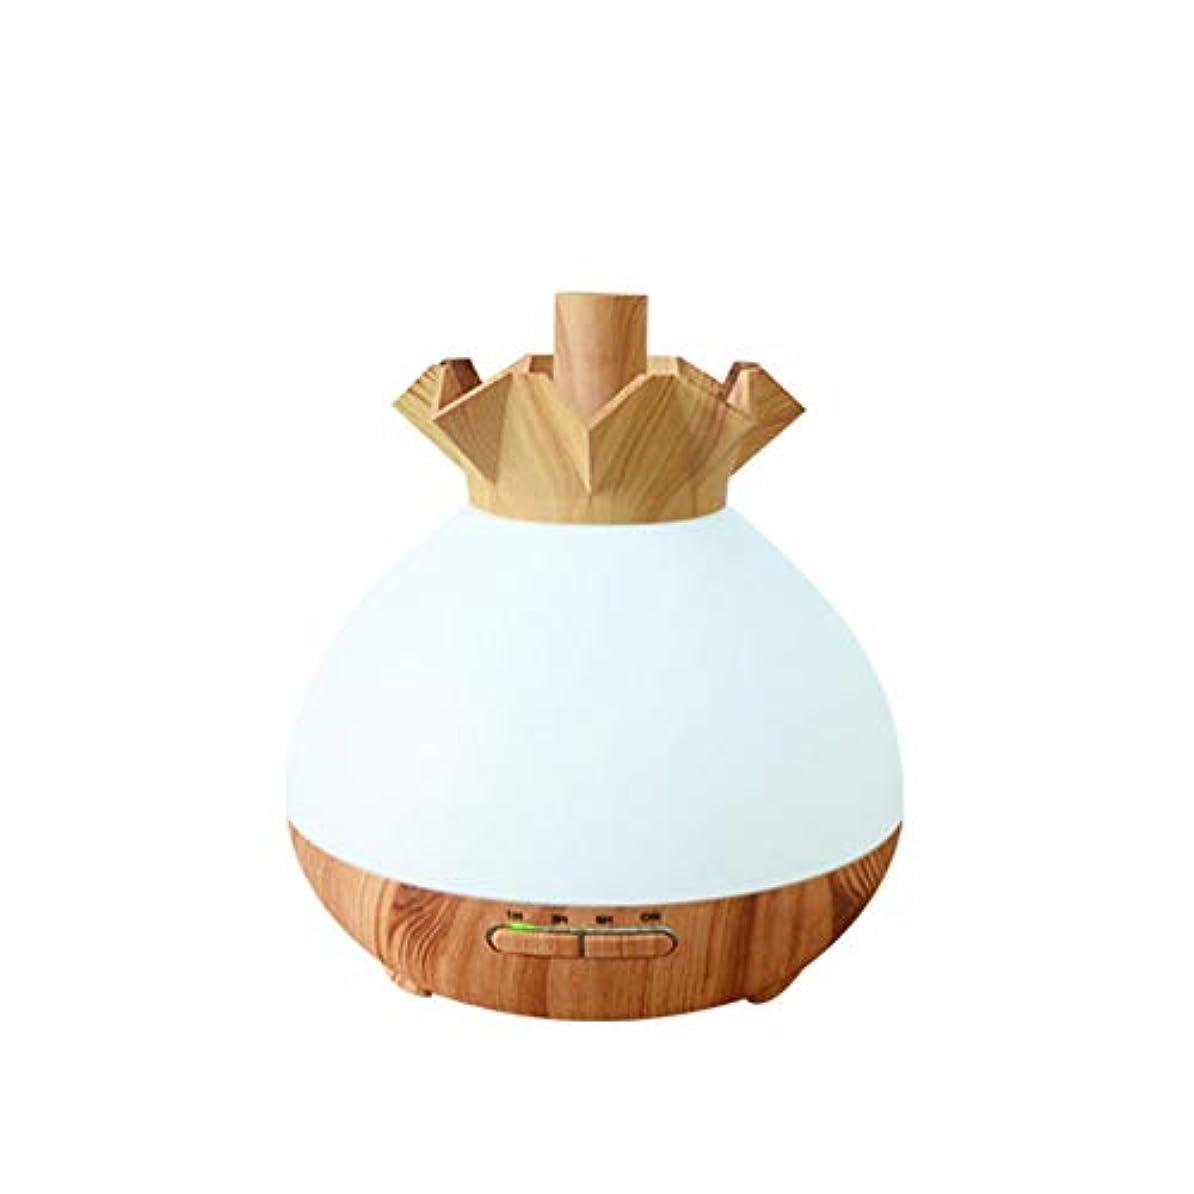 軽蔑するストローパッチWifiアプリコントロール 涼しい霧 加湿器,7 色 木目 空気を浄化 加湿機 プレミアム サイレント 精油 ディフューザー アロマネブライザー ベッド- 400ml